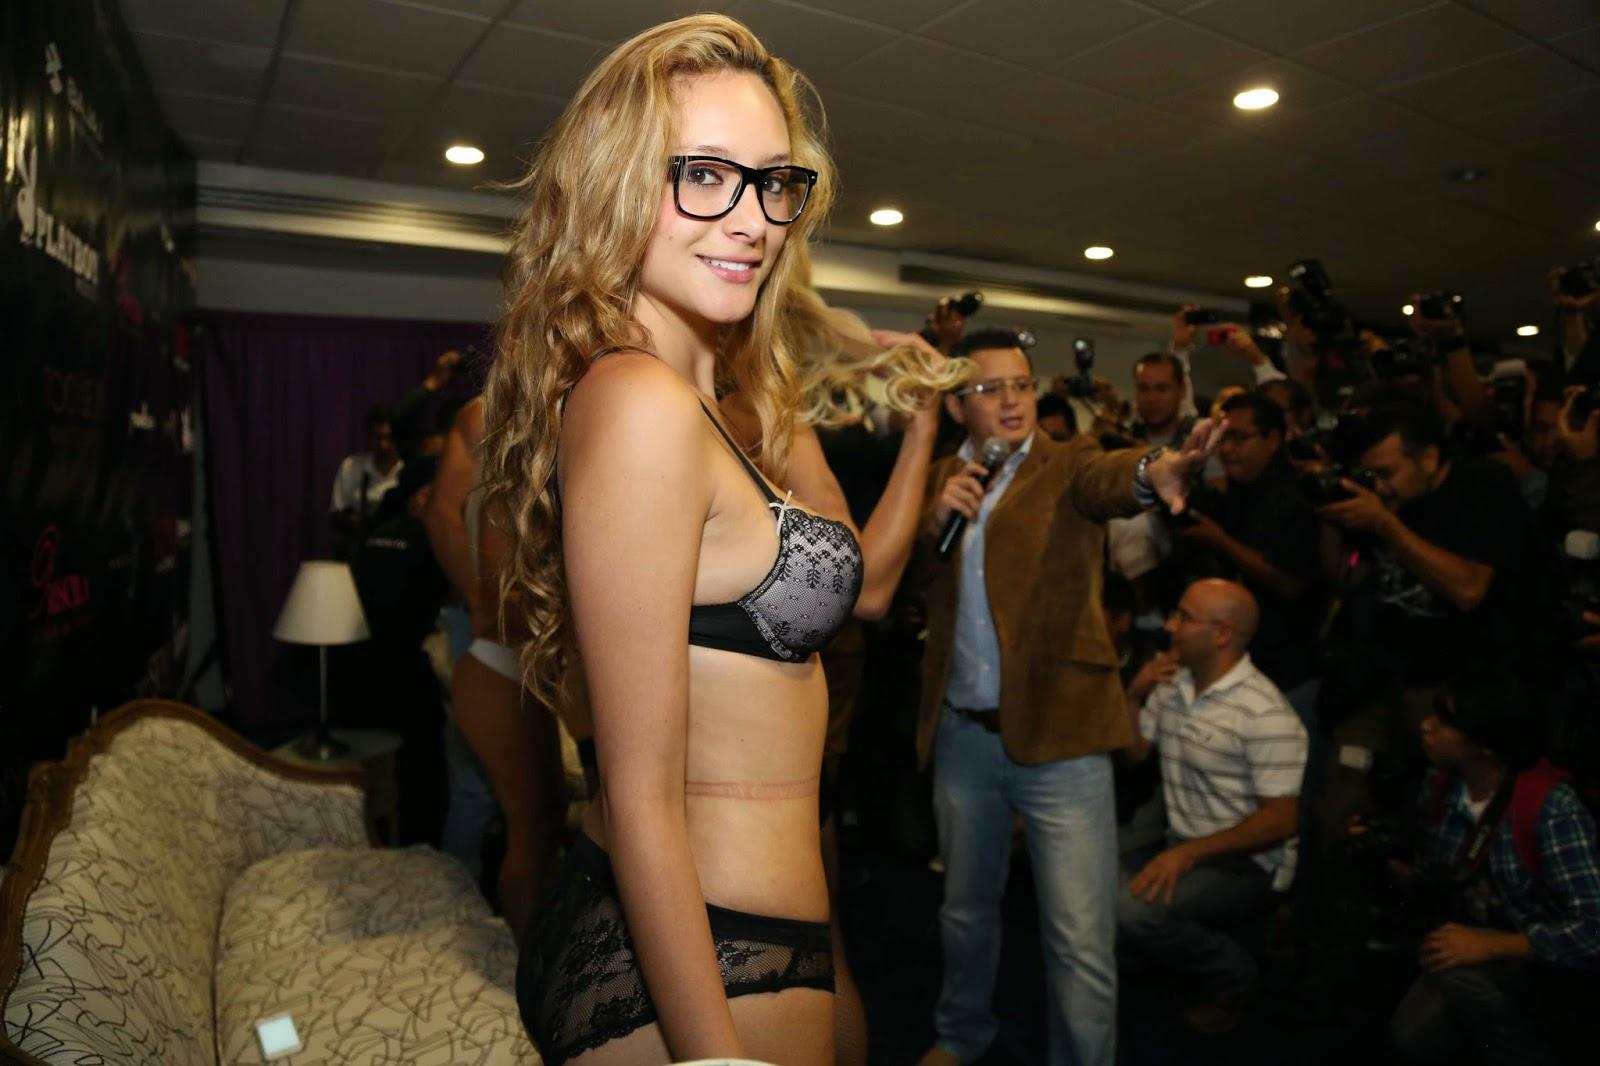 Compra Sexo En La Ciudad Boxset Las 6 Temporadas Completas